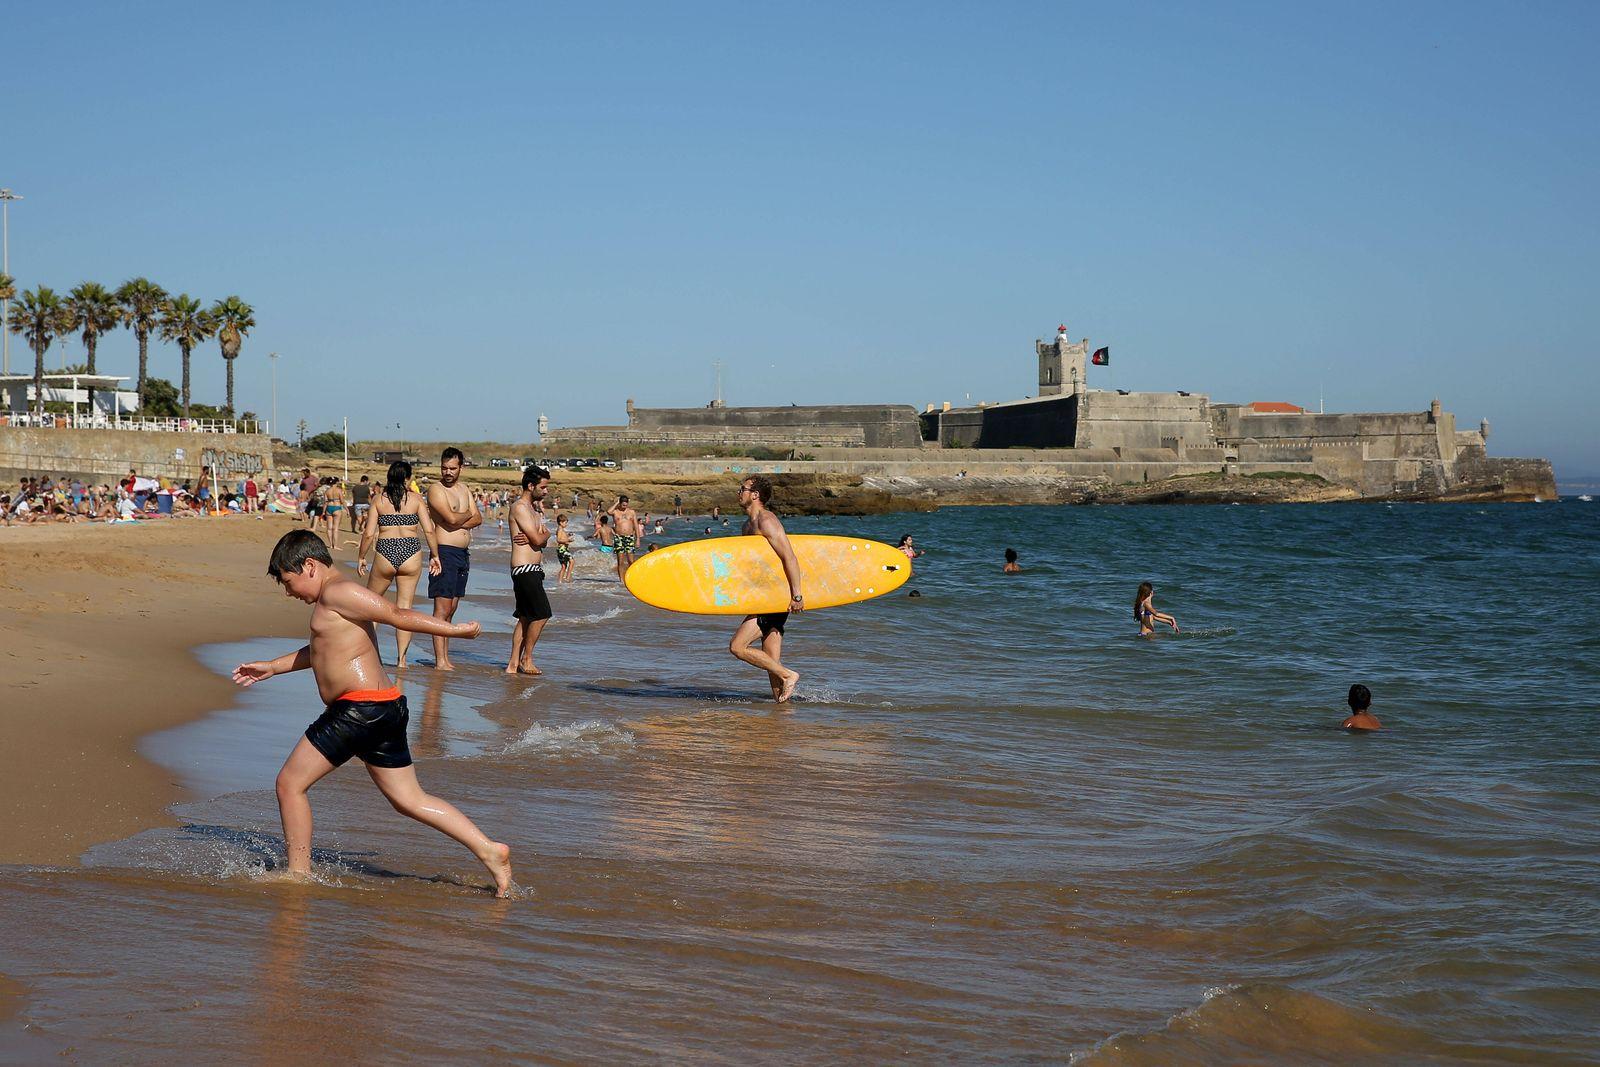 Beachgoers crowd beaches near Lisbon amid COVID-19 pandemic Beachgoers enjoy a summer day at the Carcavelos beach as th